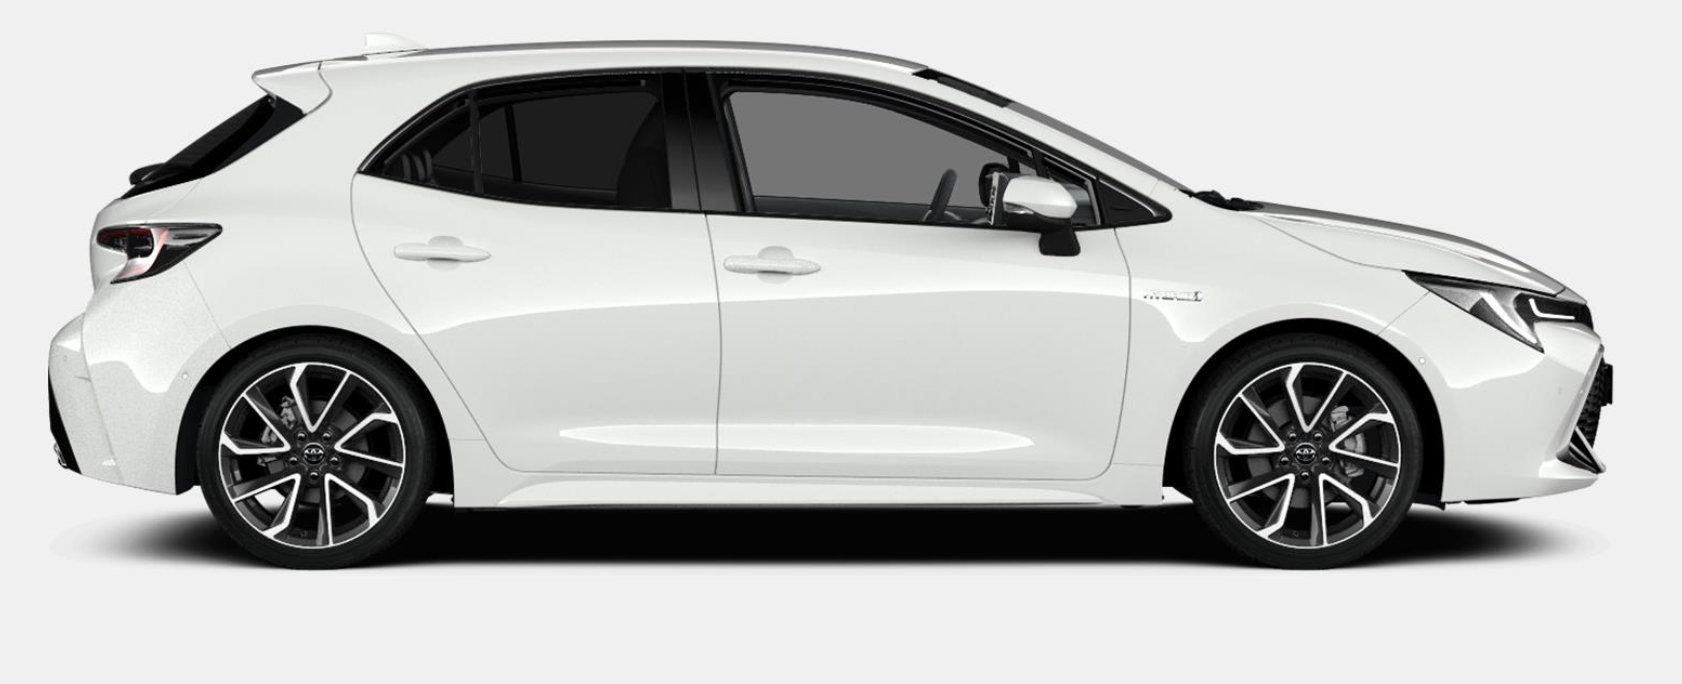 Toyota-Corolla-Hatchback-leasen-4